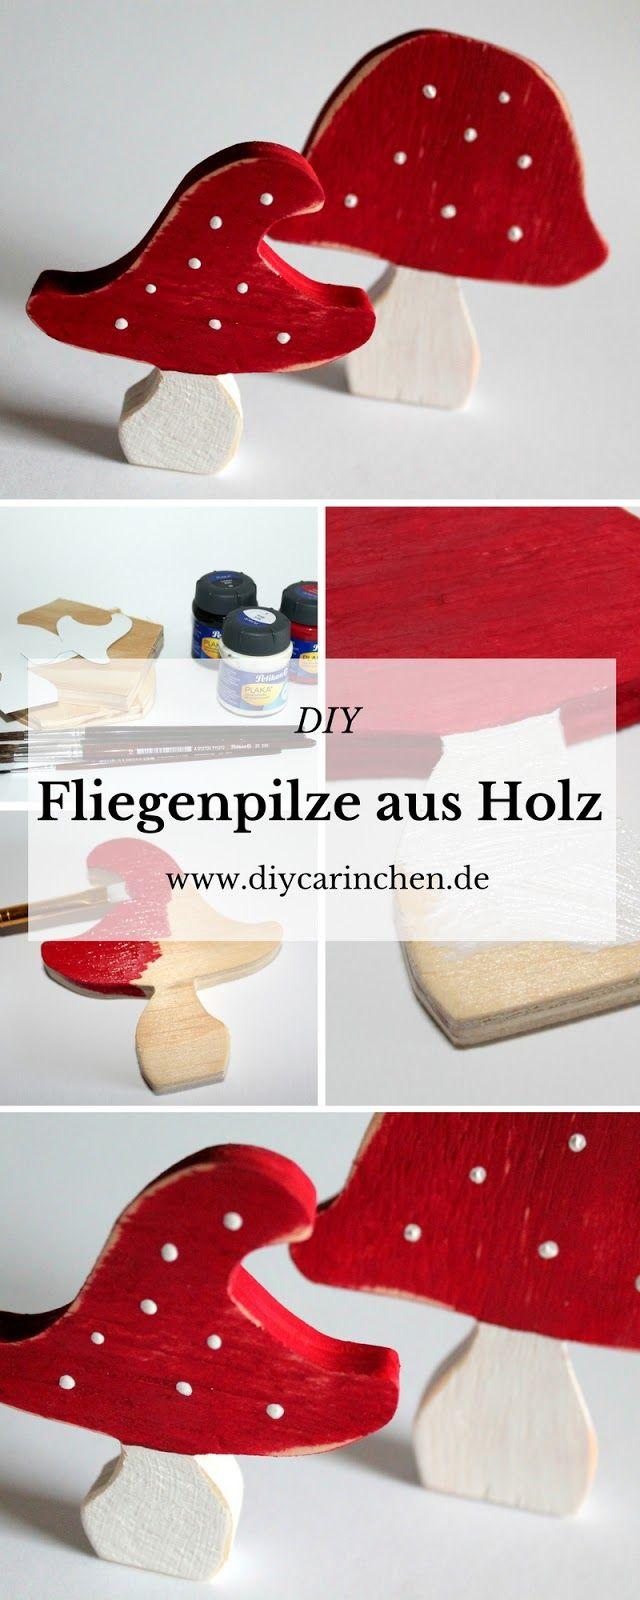 446 besten alle diys von diycarinchen bilder auf pinterest for Geschenk einrichtung